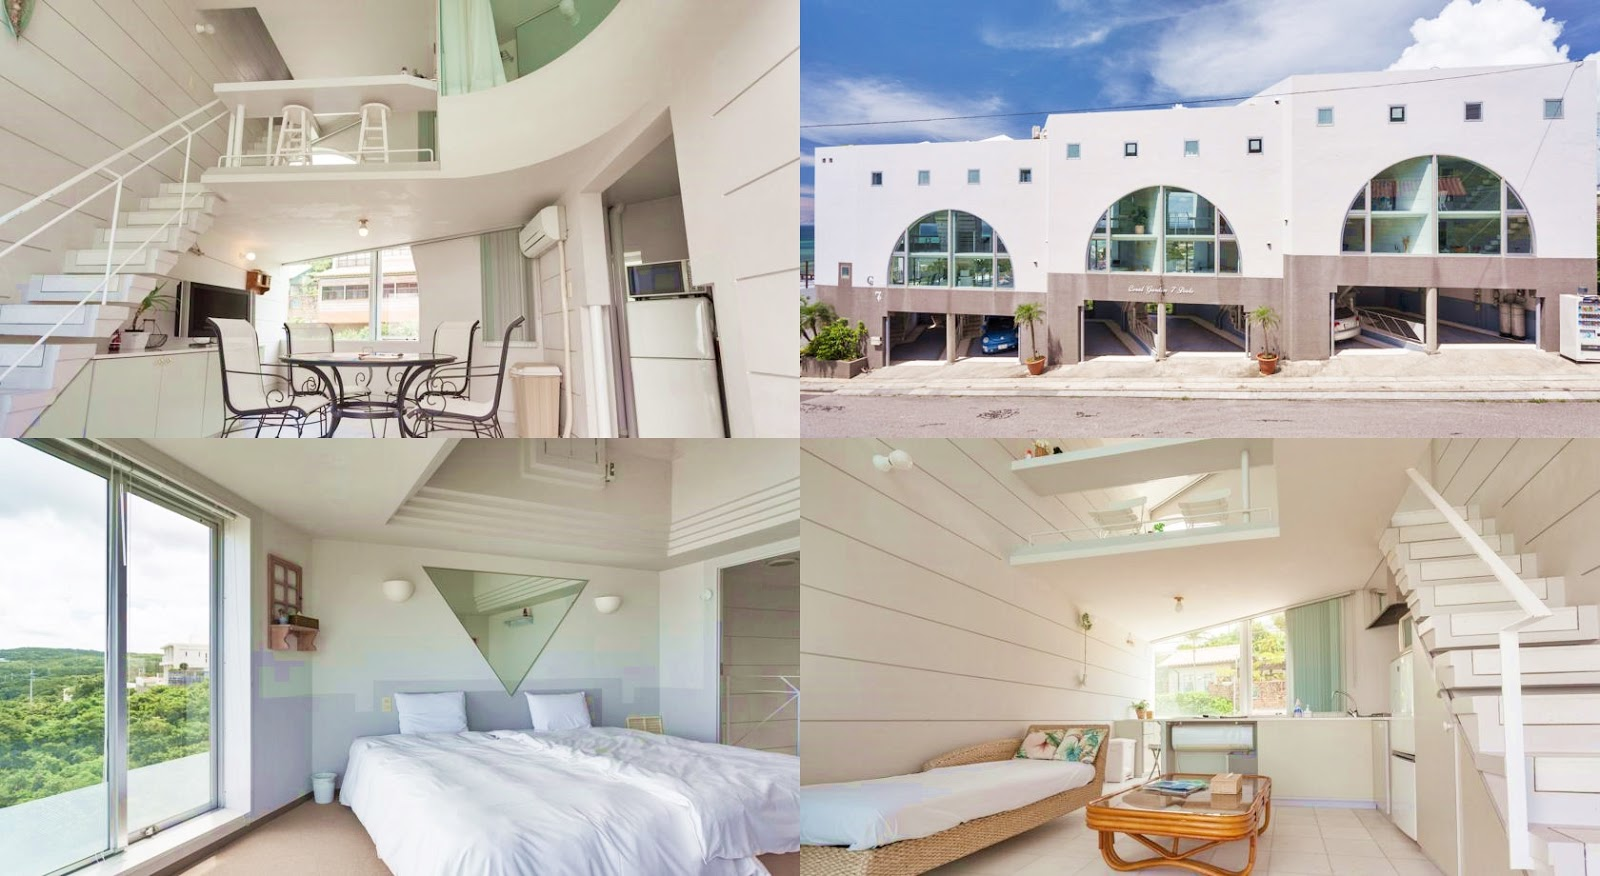 沖繩-住宿-推薦-飯店-旅館-民宿-公寓-珊瑚花園七池公寓酒店-Coral-Garden-7-Pools-Okinawa-hotel-recommendation